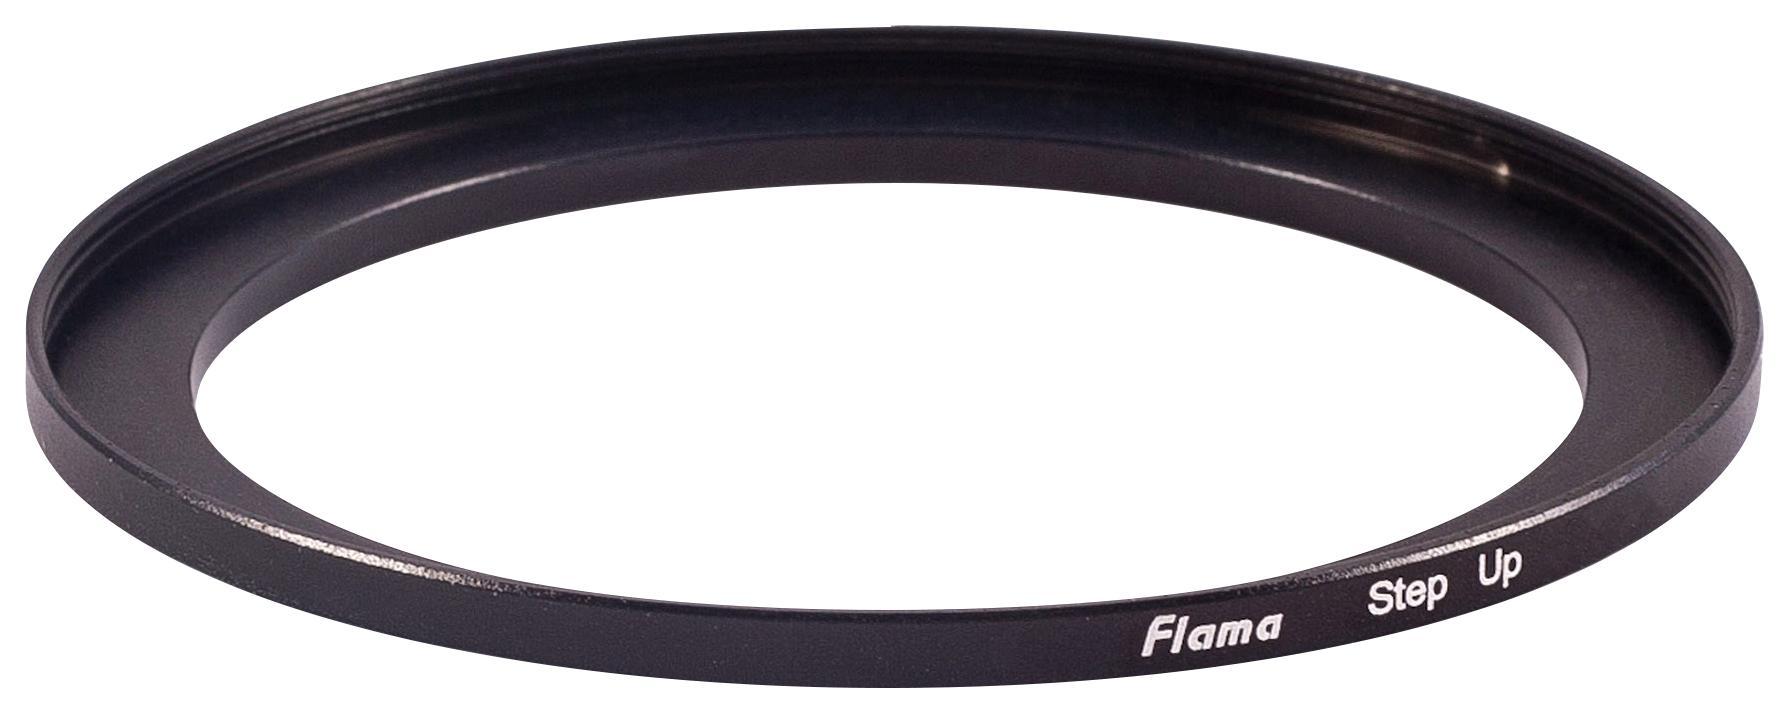 Flama переходное кольцо для фильтра 58-67 mm